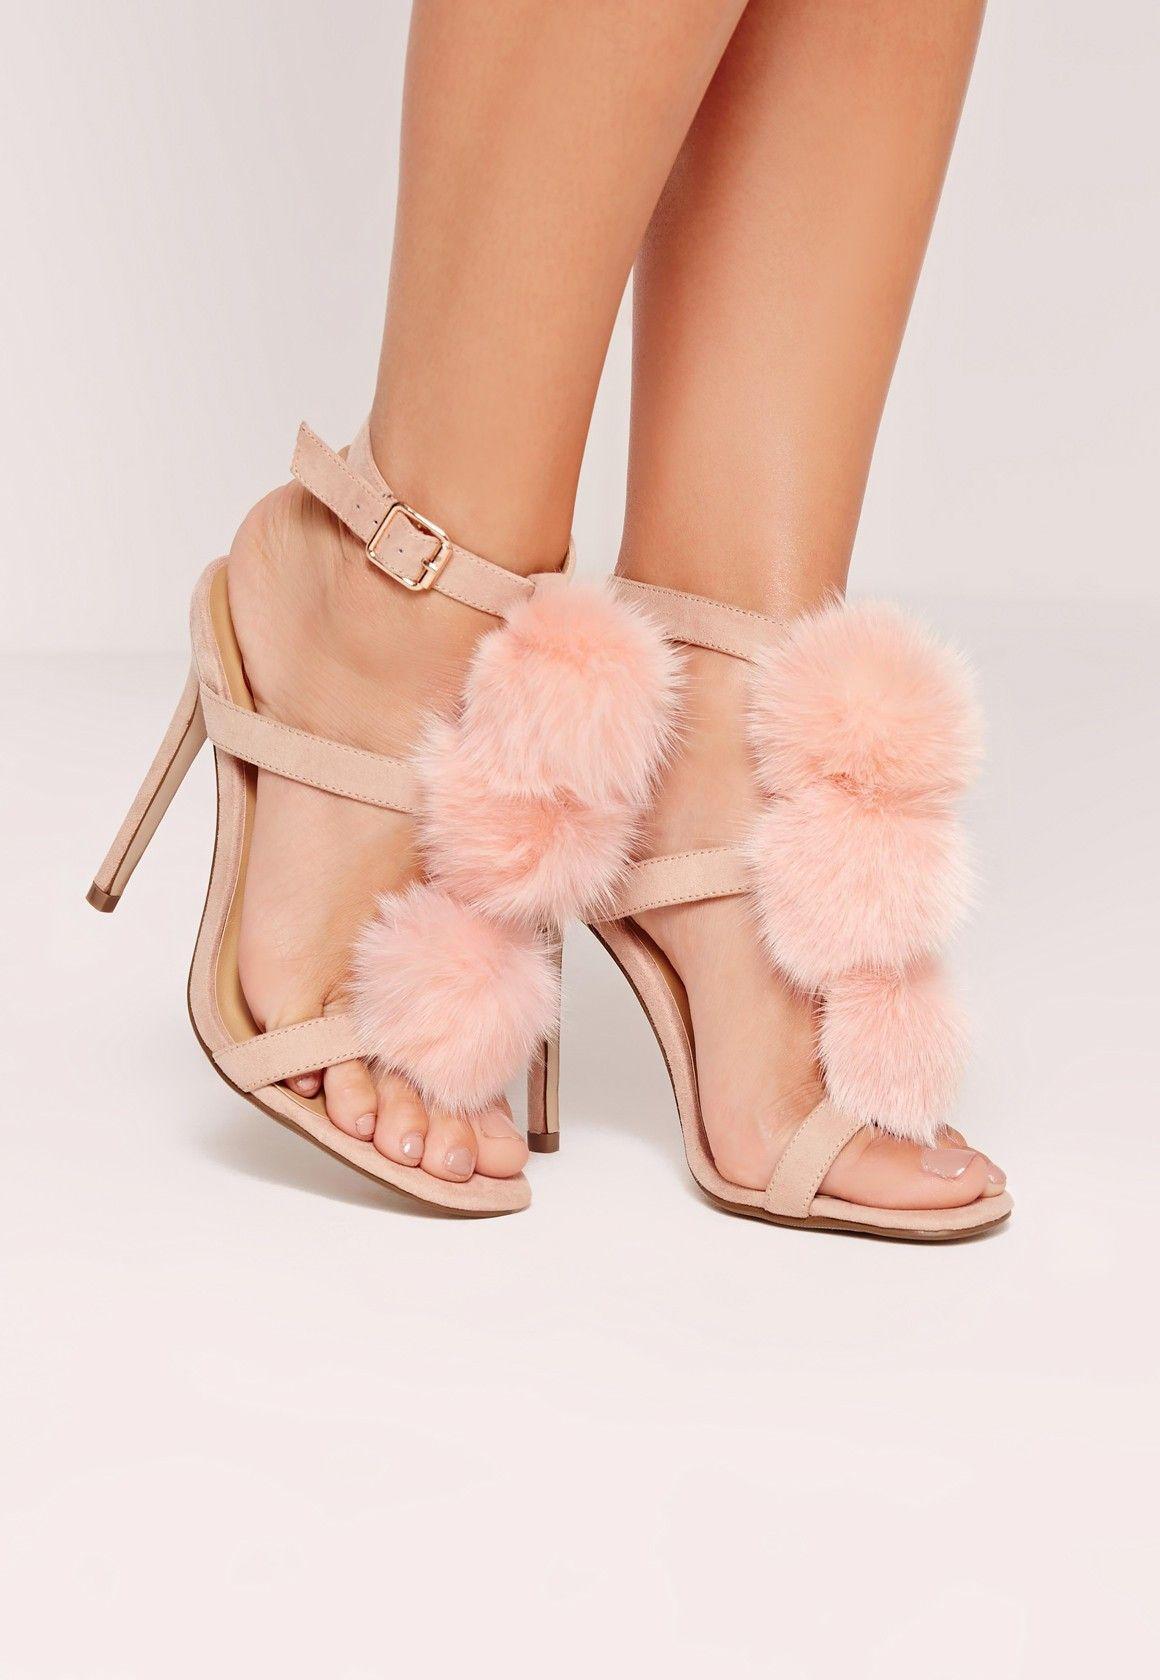 daf1377c0cf Missguided - Pom Pom T Bar Heeled Sandals Pink